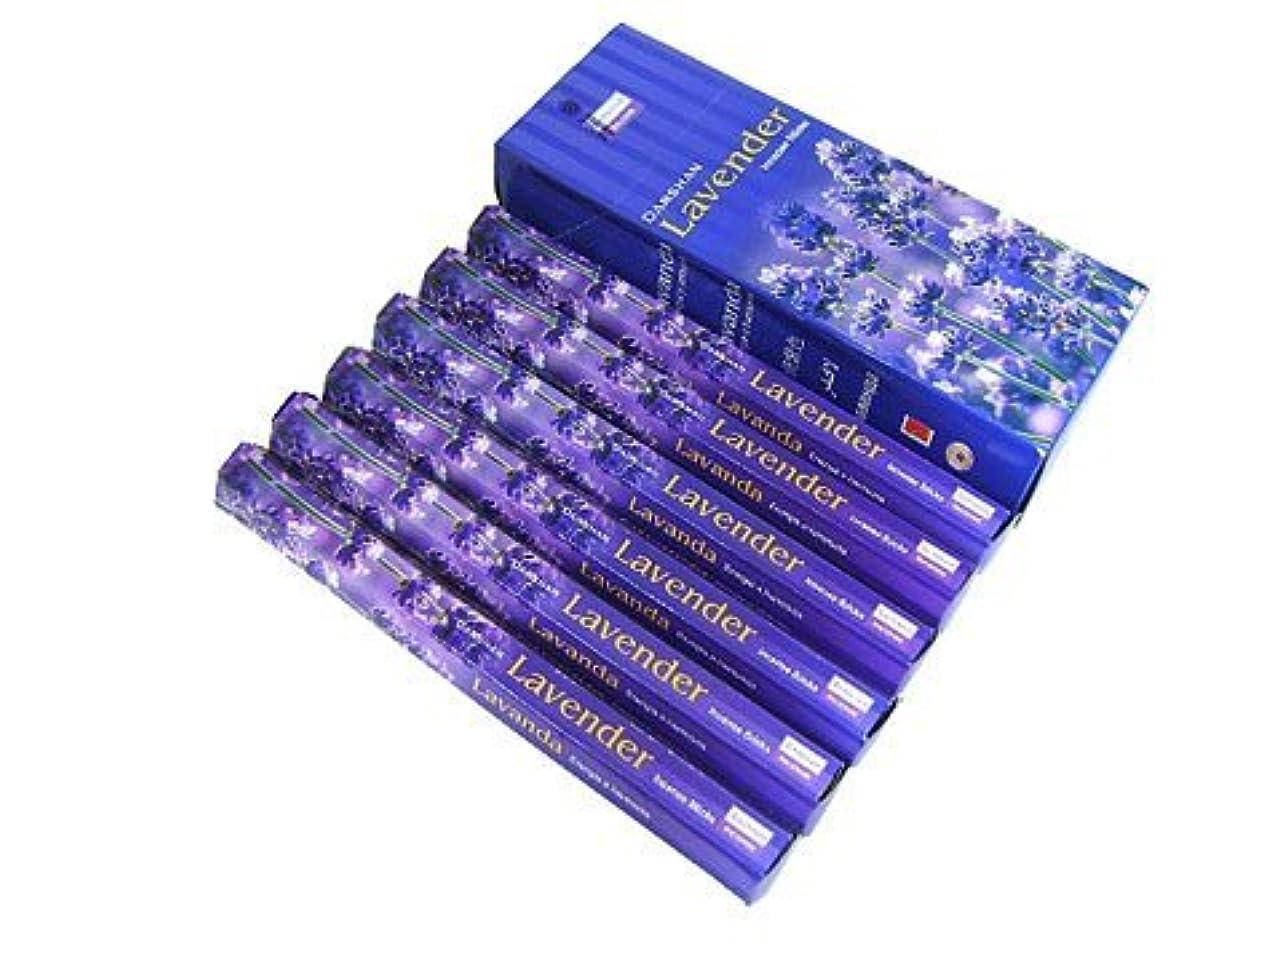 即席面積余裕があるラベンダー120 Sticksボックス – Darshan Incense